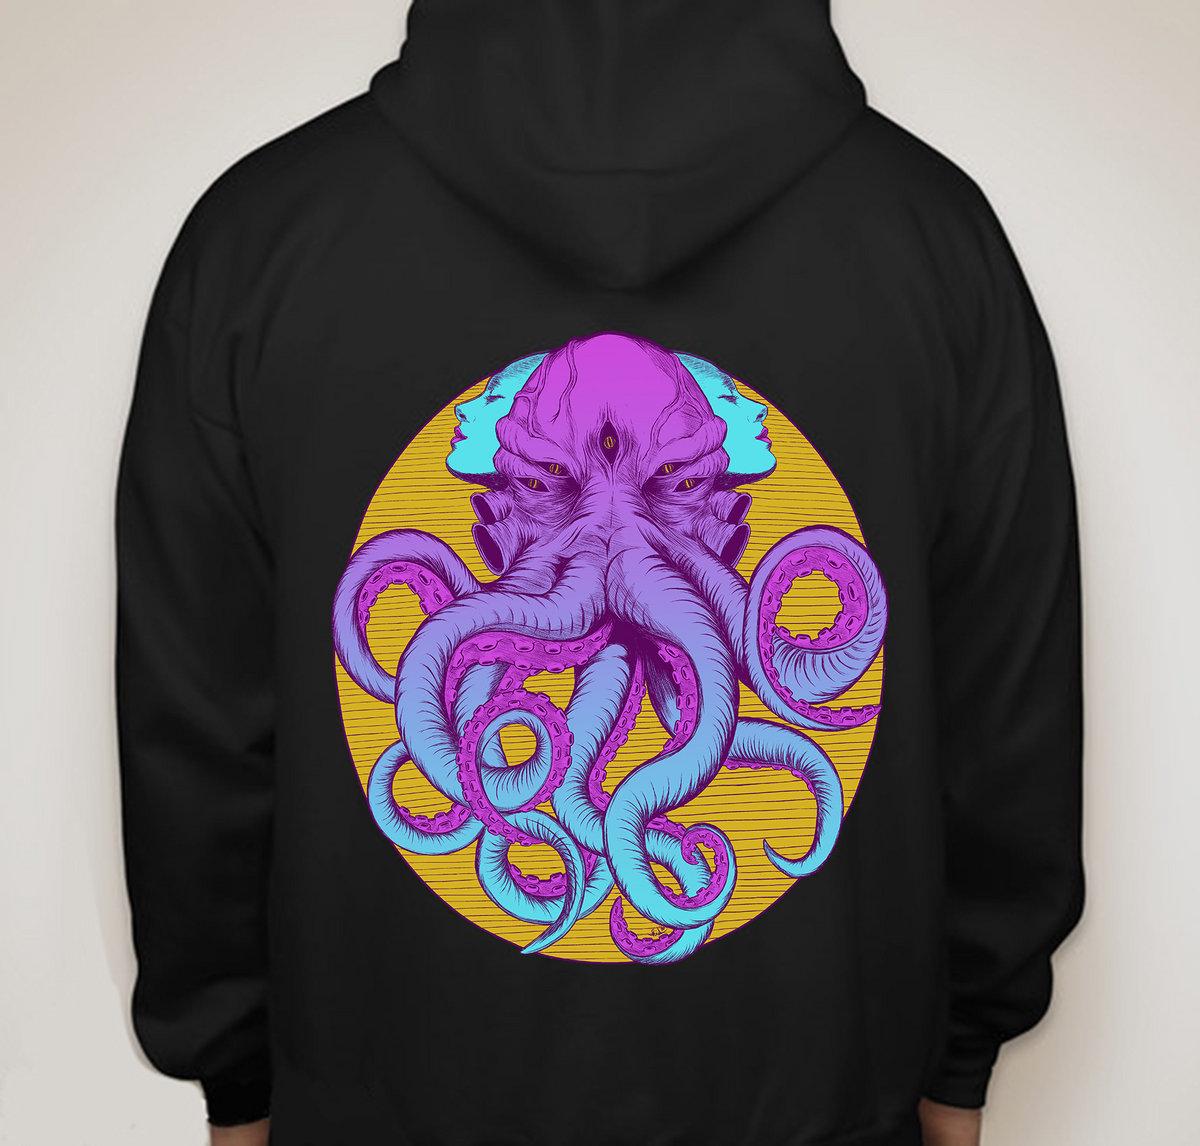 Electric hoodie